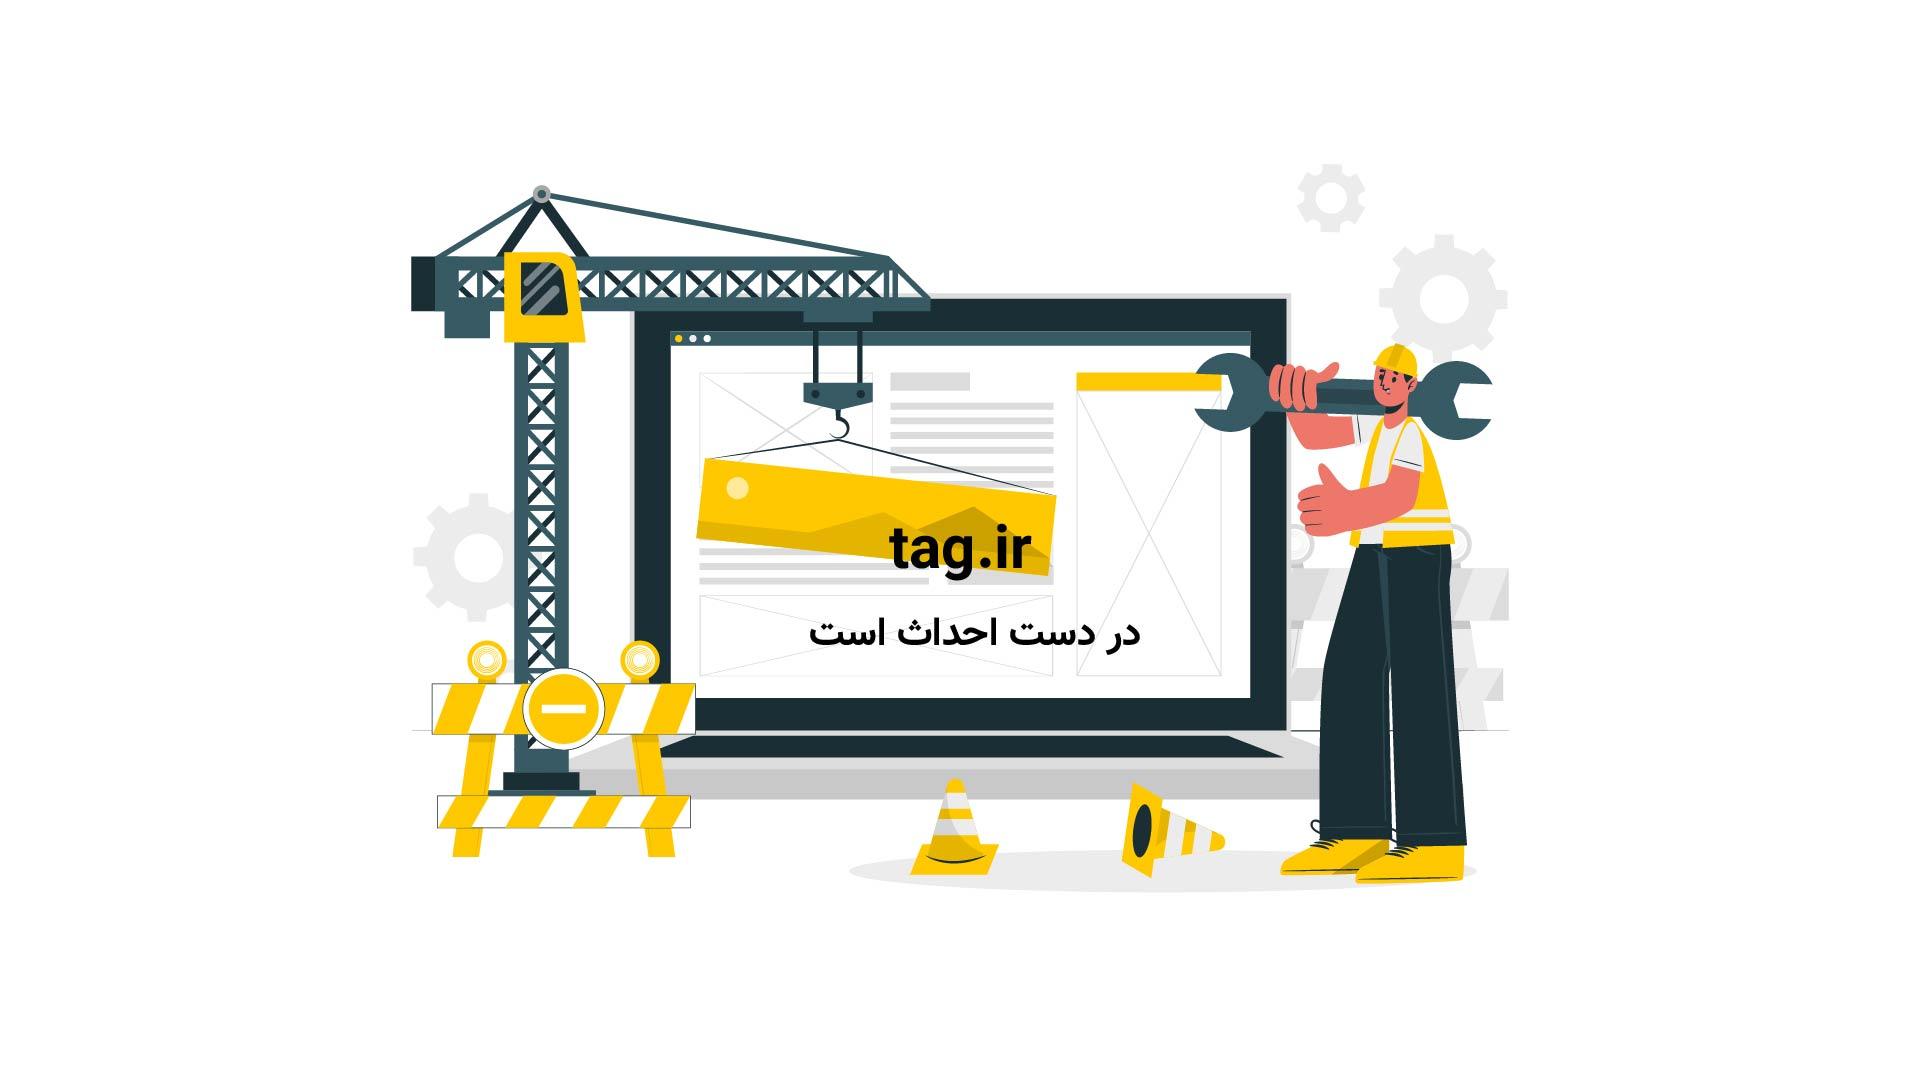 بنایی کردن سعید عبدولی | تگ